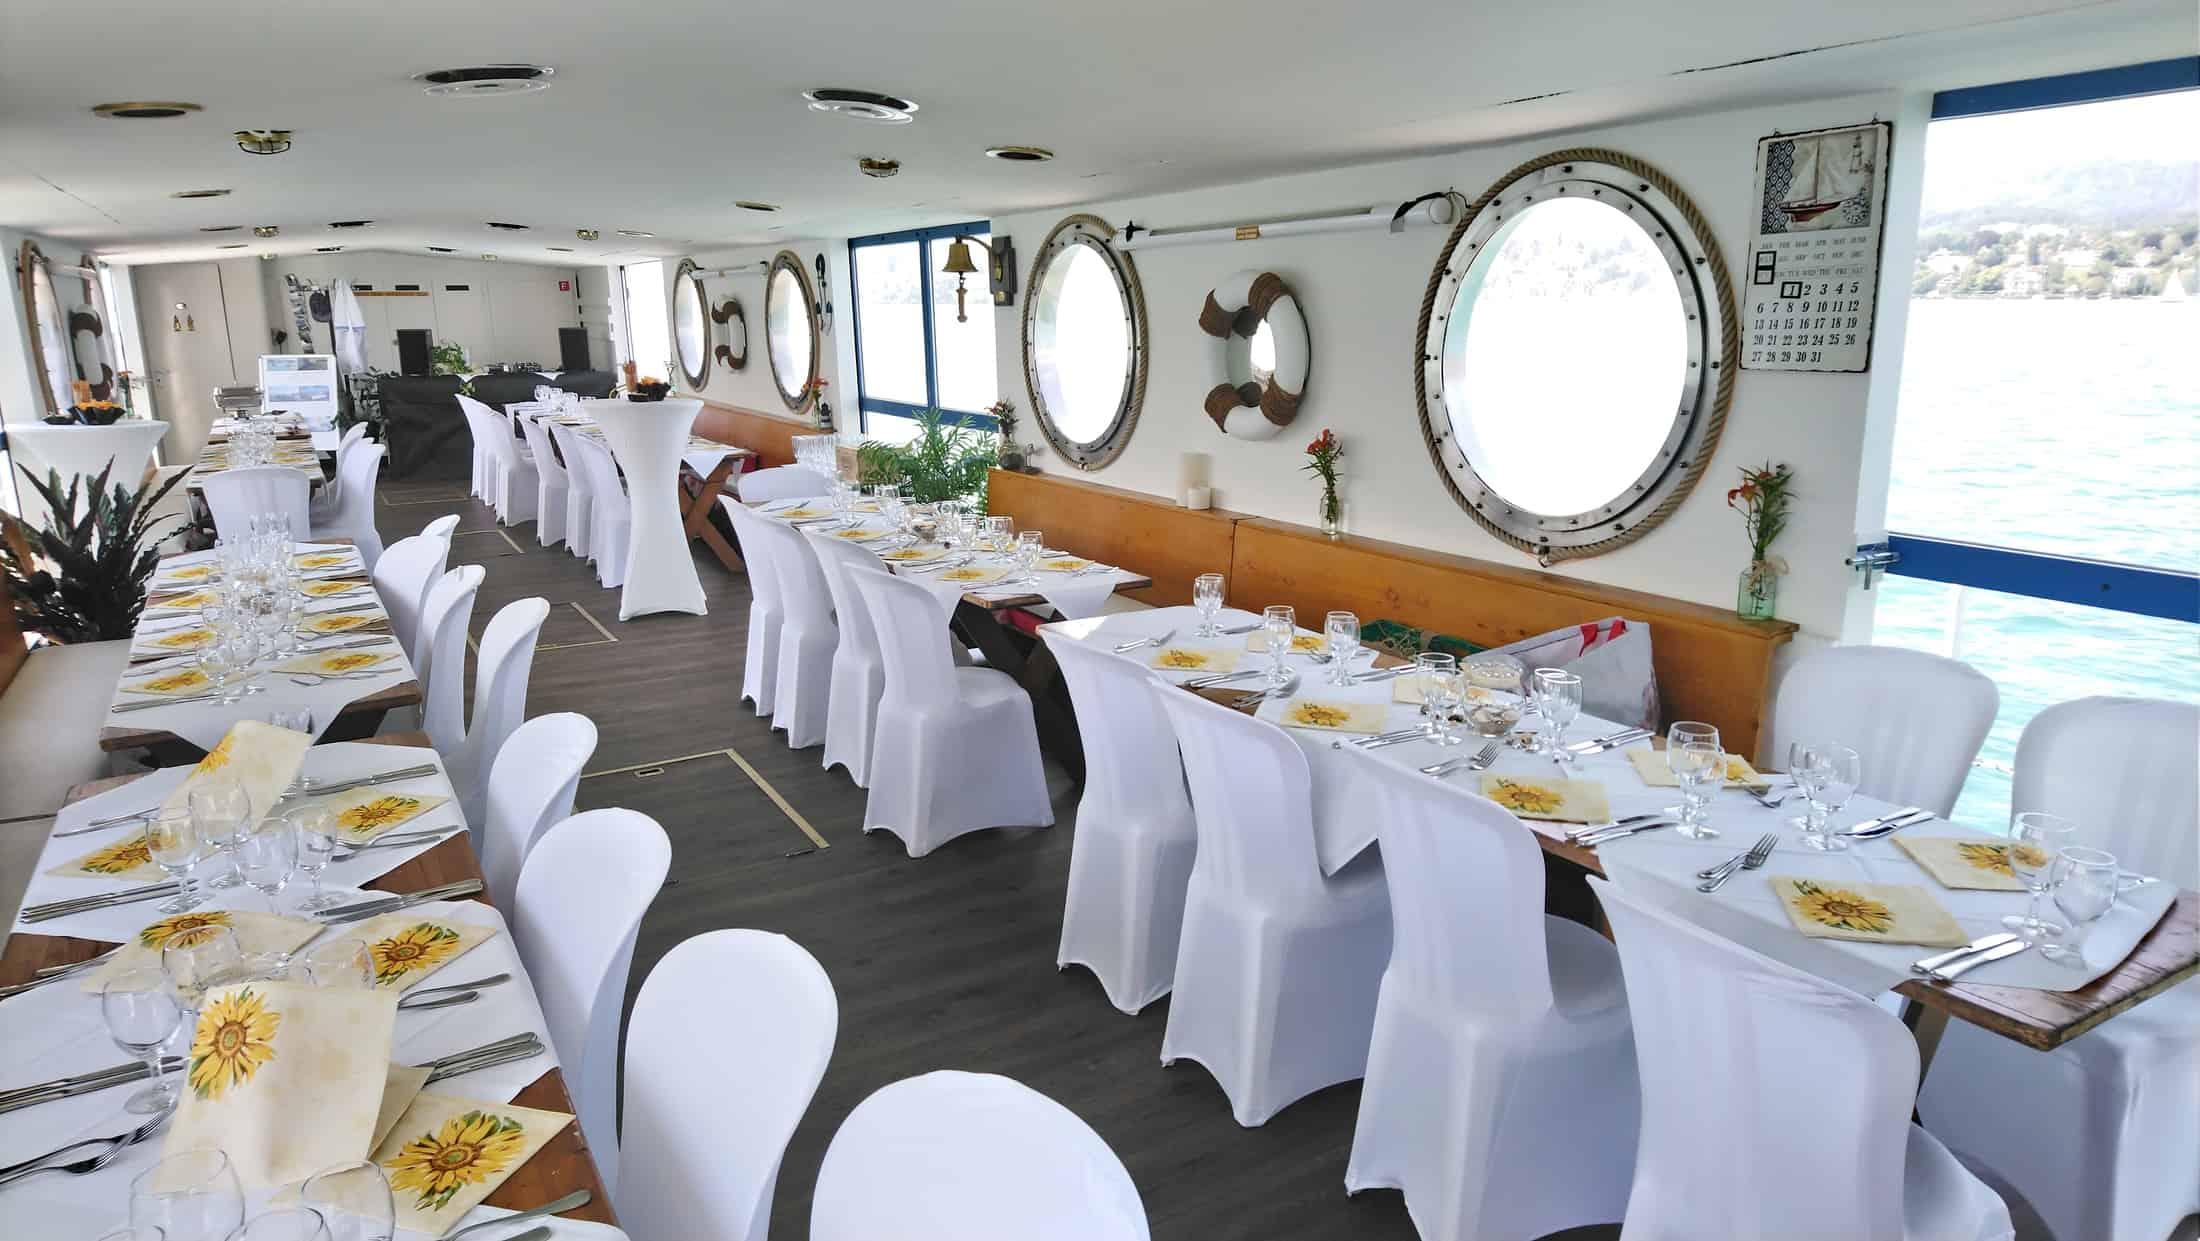 Fahrgastschiff Zuerichsee Events Partyschiff Zuerichsee Events Eventschiff Zuerichsee Events Kreuzfahrtschiff Zuerichsee Events